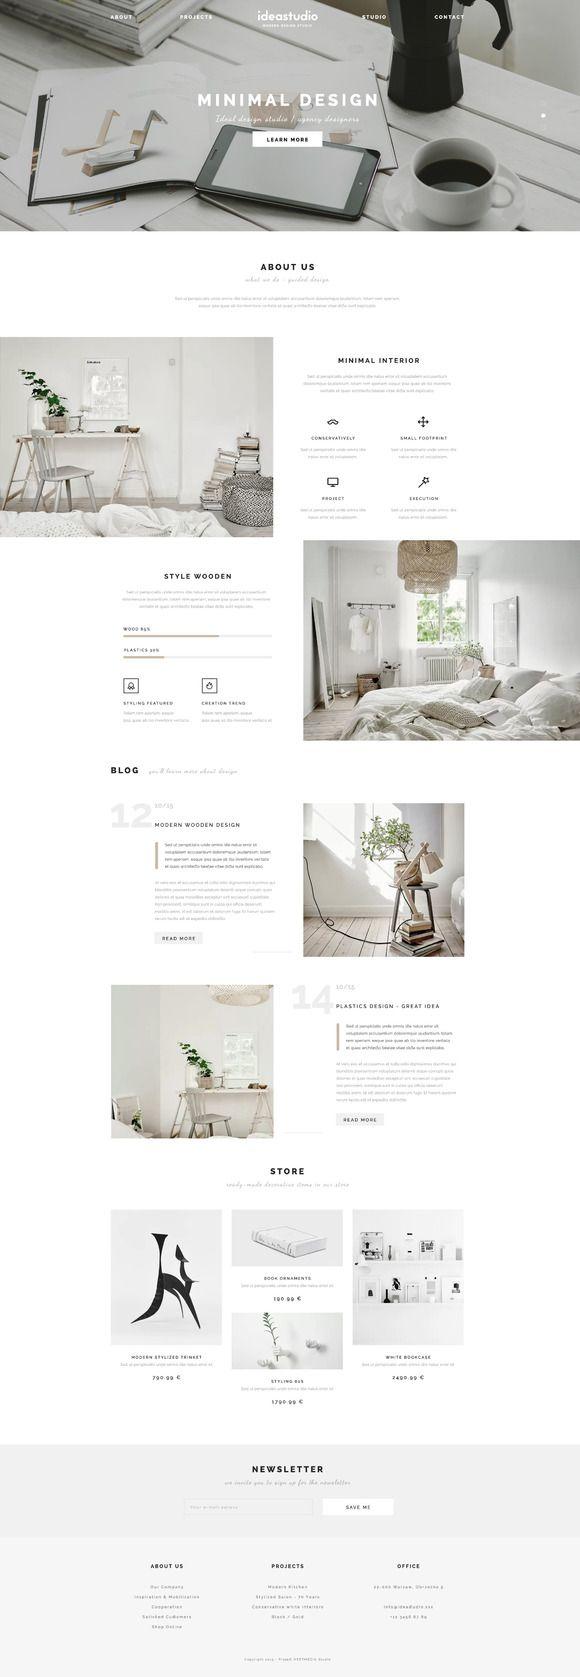 IdeaStudio- Best PSD Template @creativework247